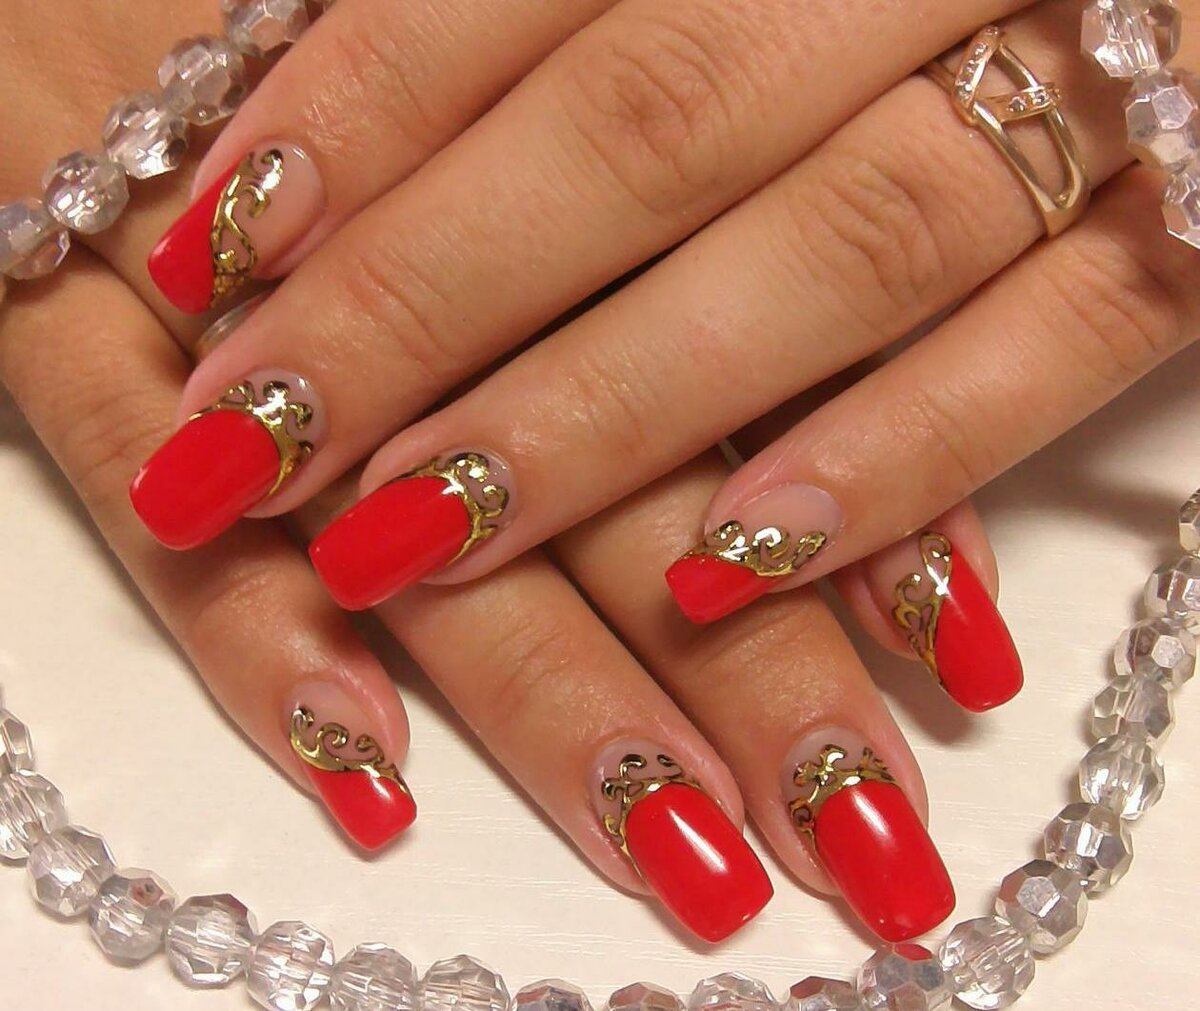 красный френч с золотом на ногтях фото этих